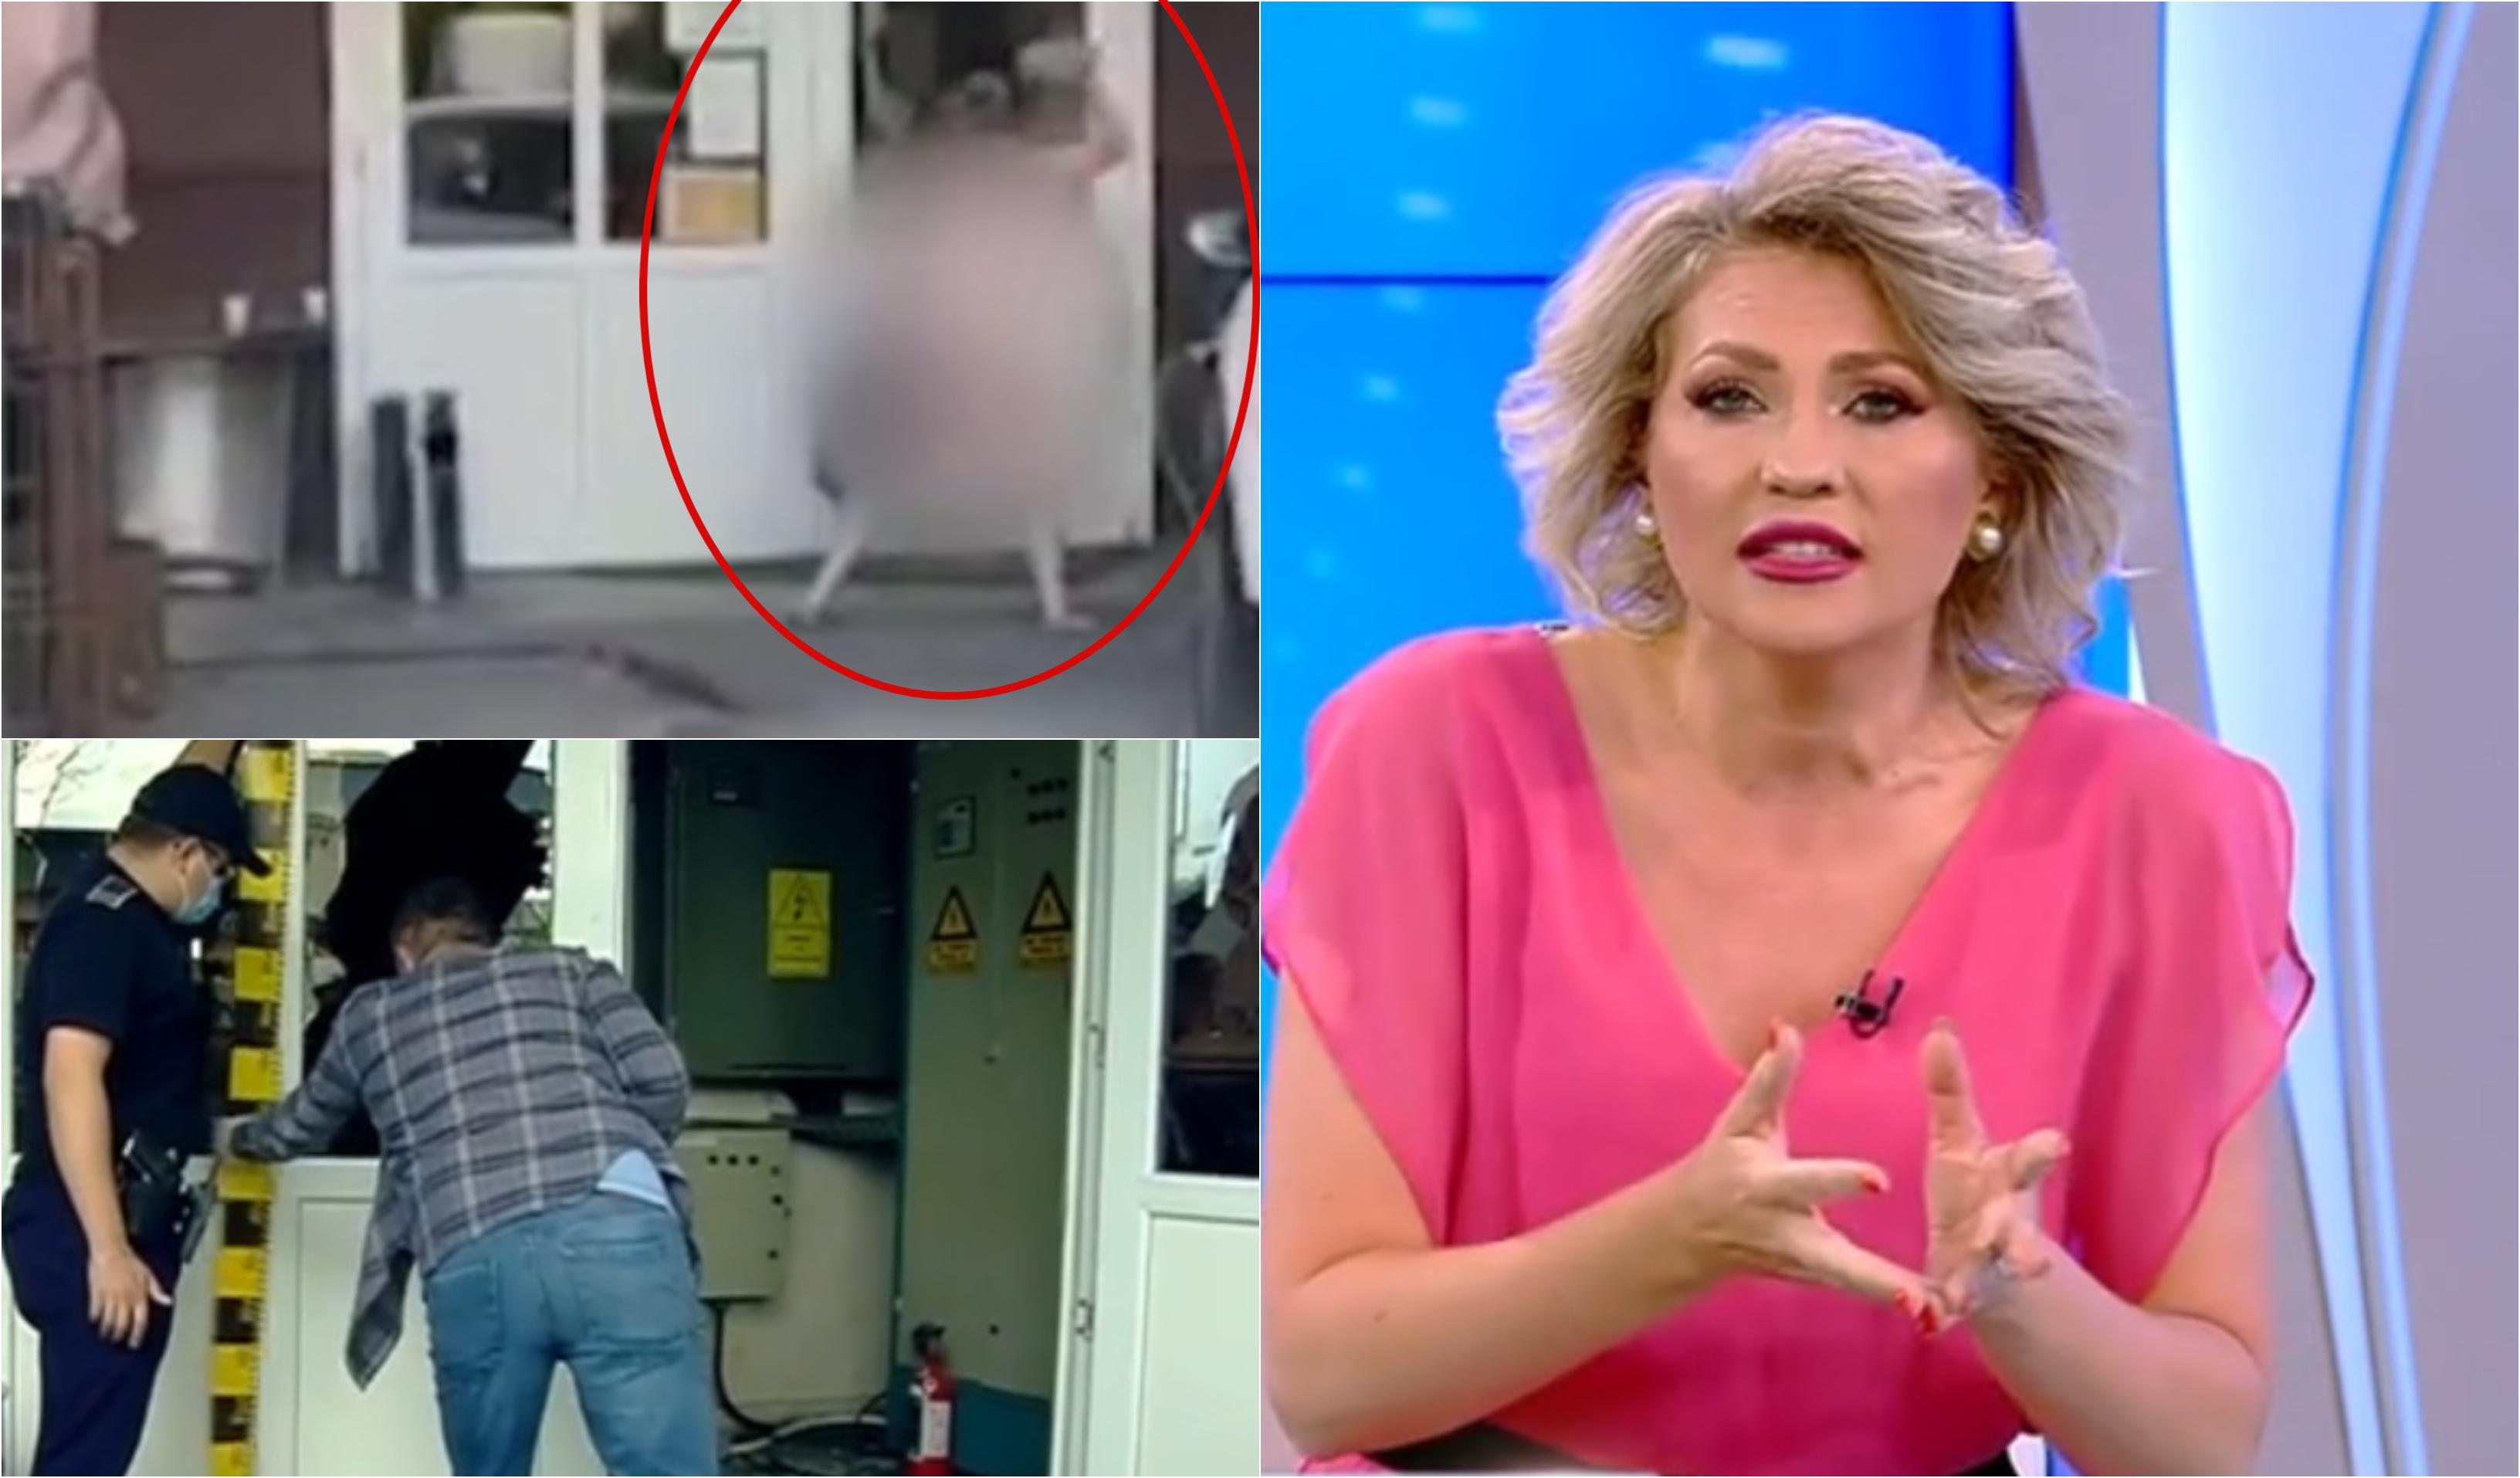 Acces Direct. Momentul când femeia dezbrăcată sparge geamurile sediului. Imagini surprinse de camerele de supraveghere